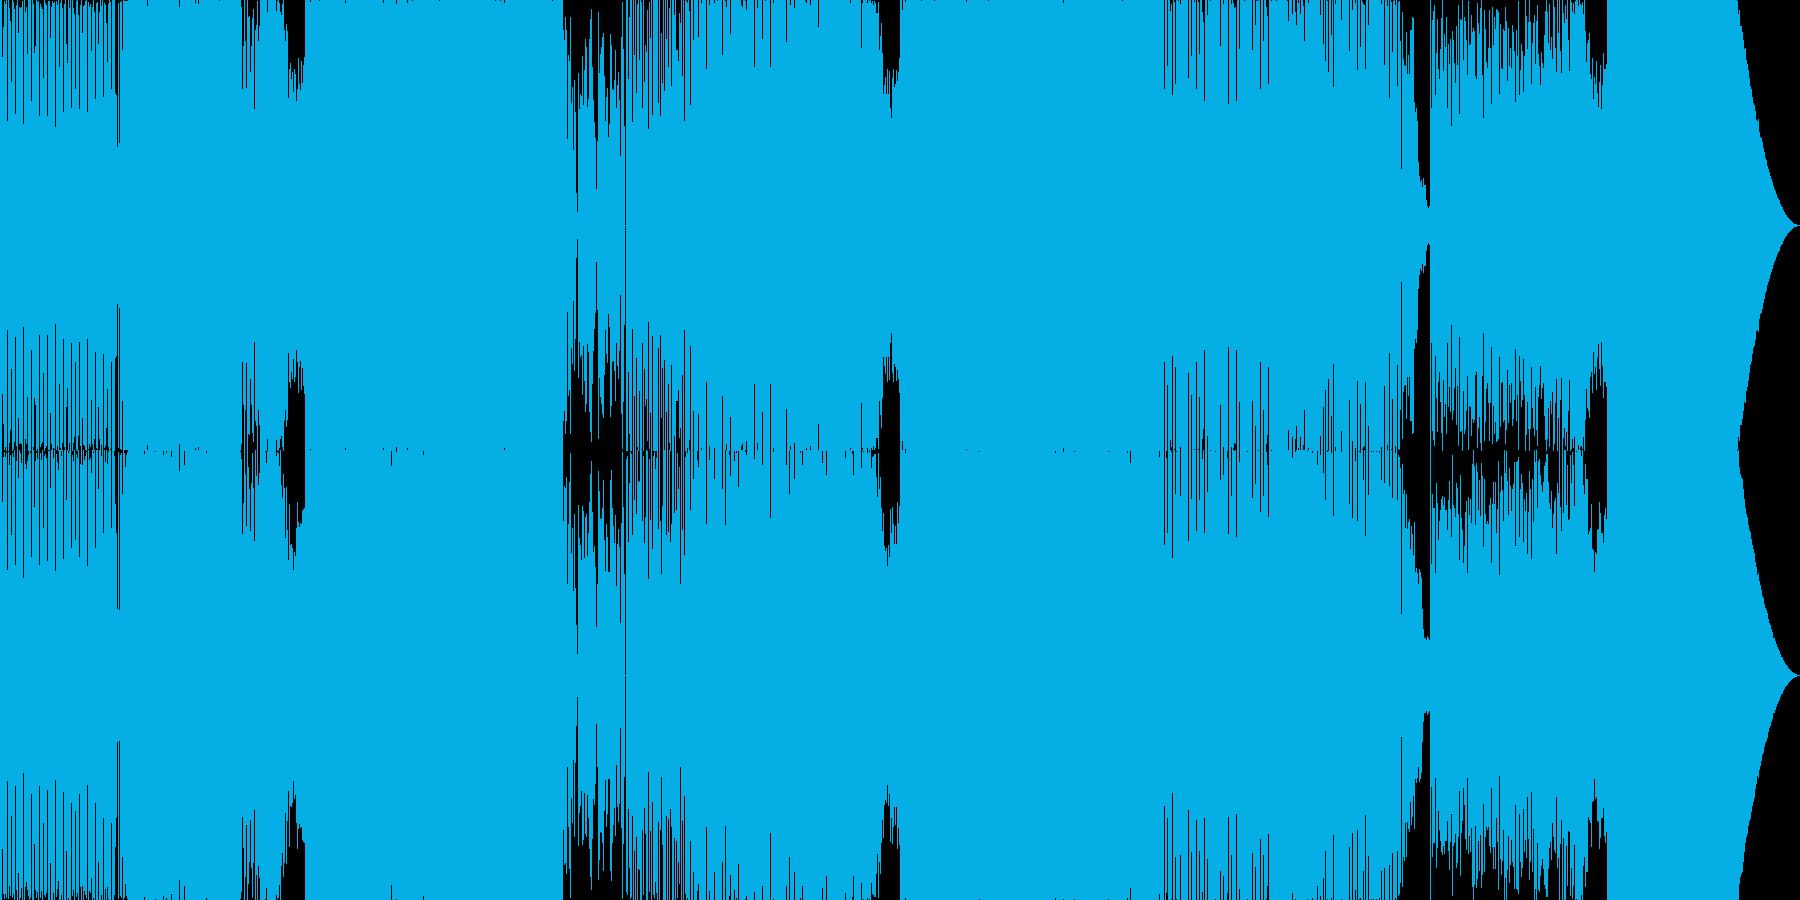 コミカルなEDMの再生済みの波形